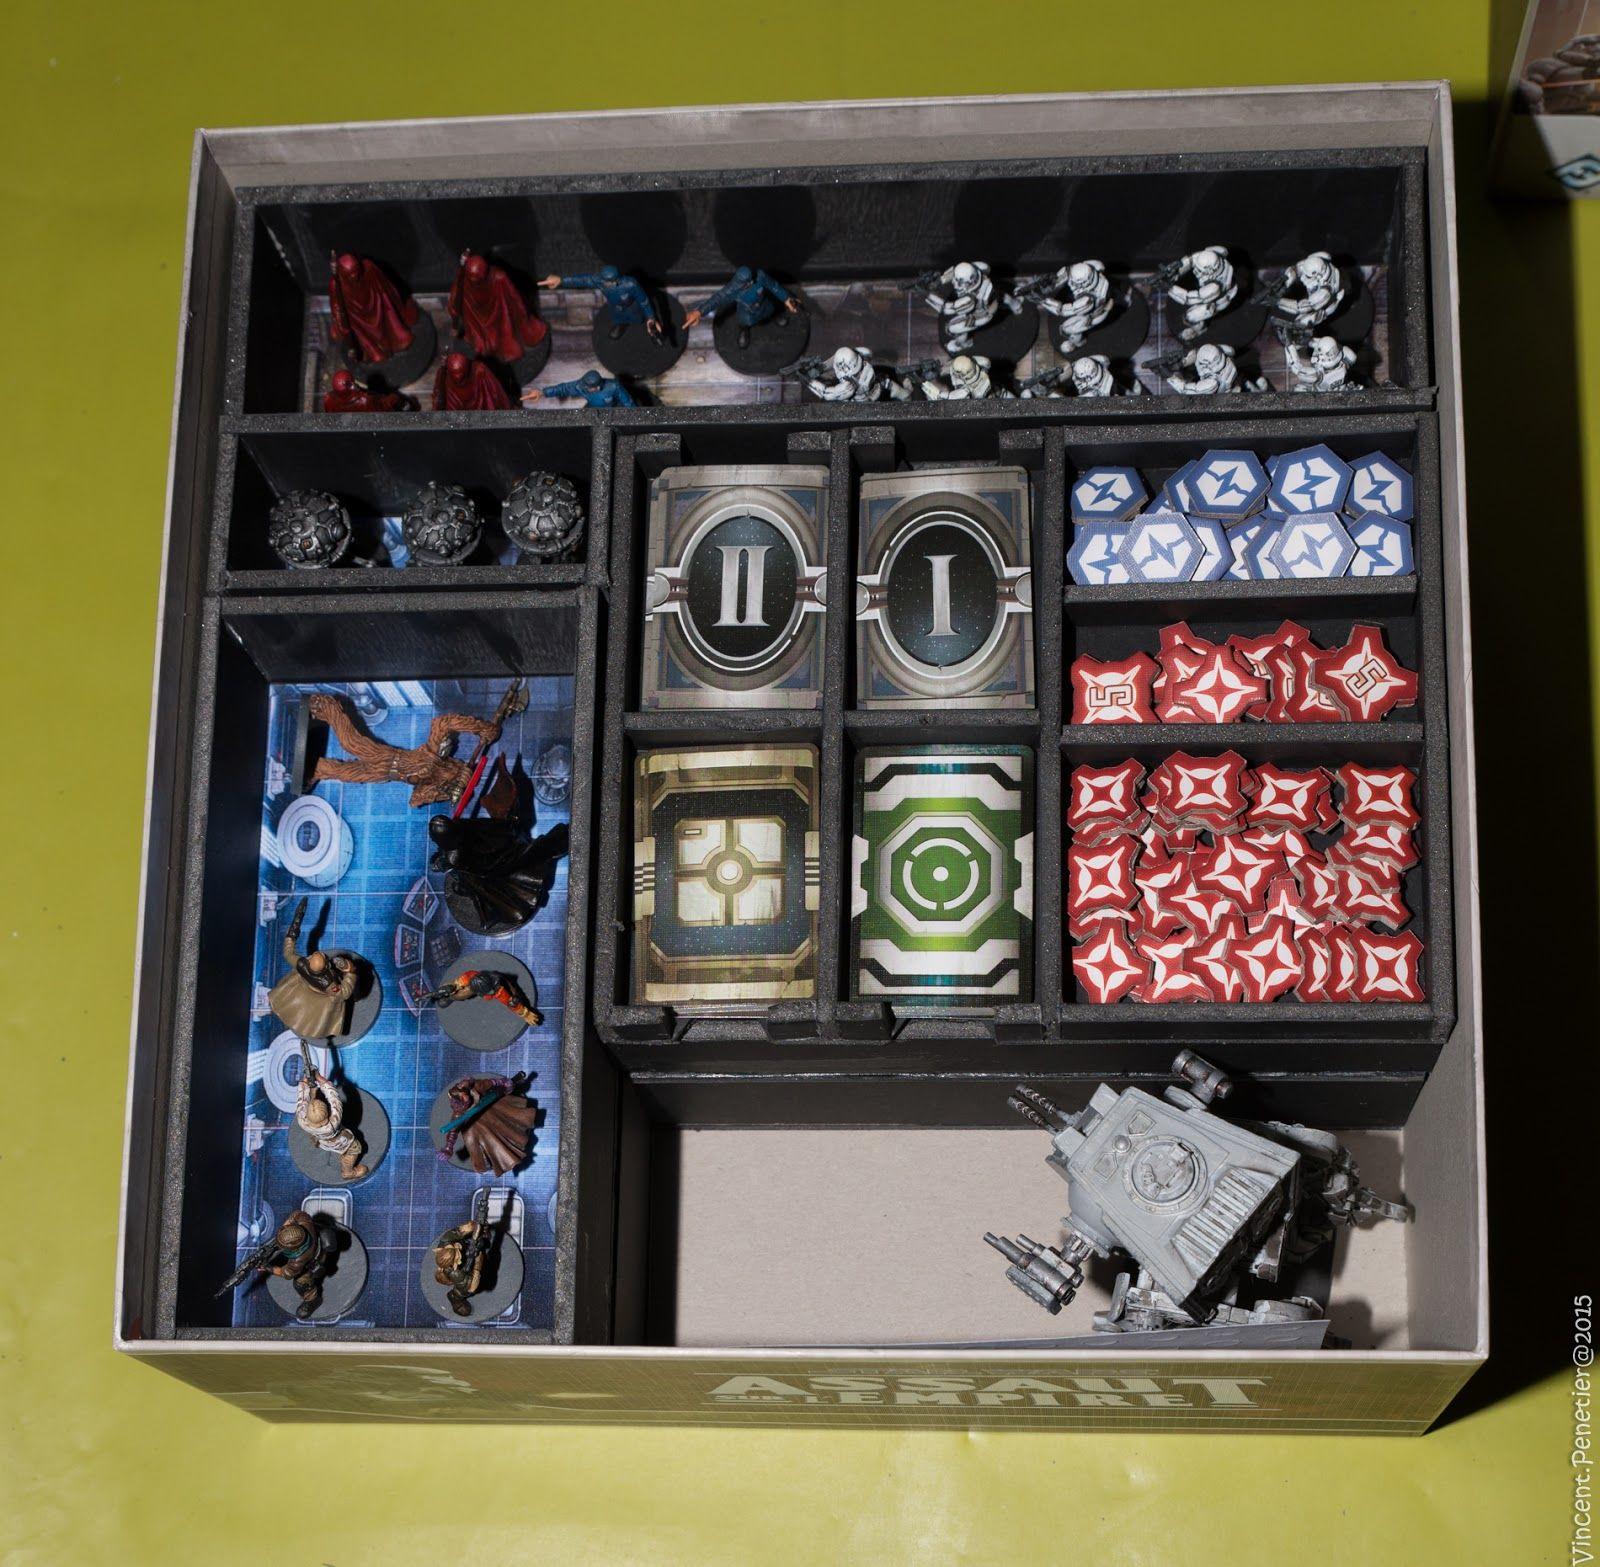 Imperial Assault: la boite de rangement   Boite de rangement, Jeux de figurines, Figurine